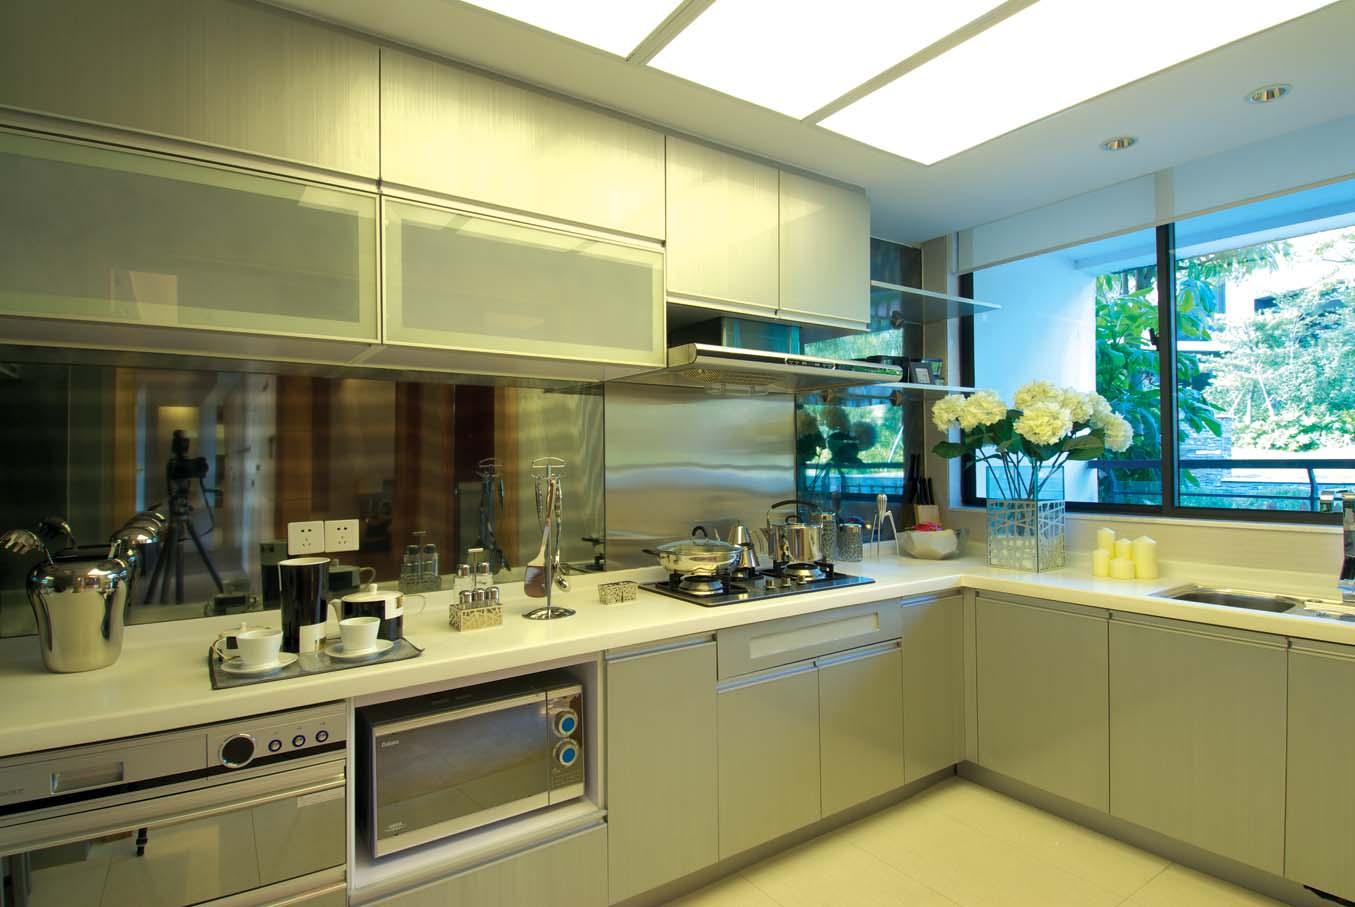 简约 别墅 白领 80后 小资 厨房图片来自广州九艺(三星)装饰设计在时代依云小镇龙小姐雅居的分享